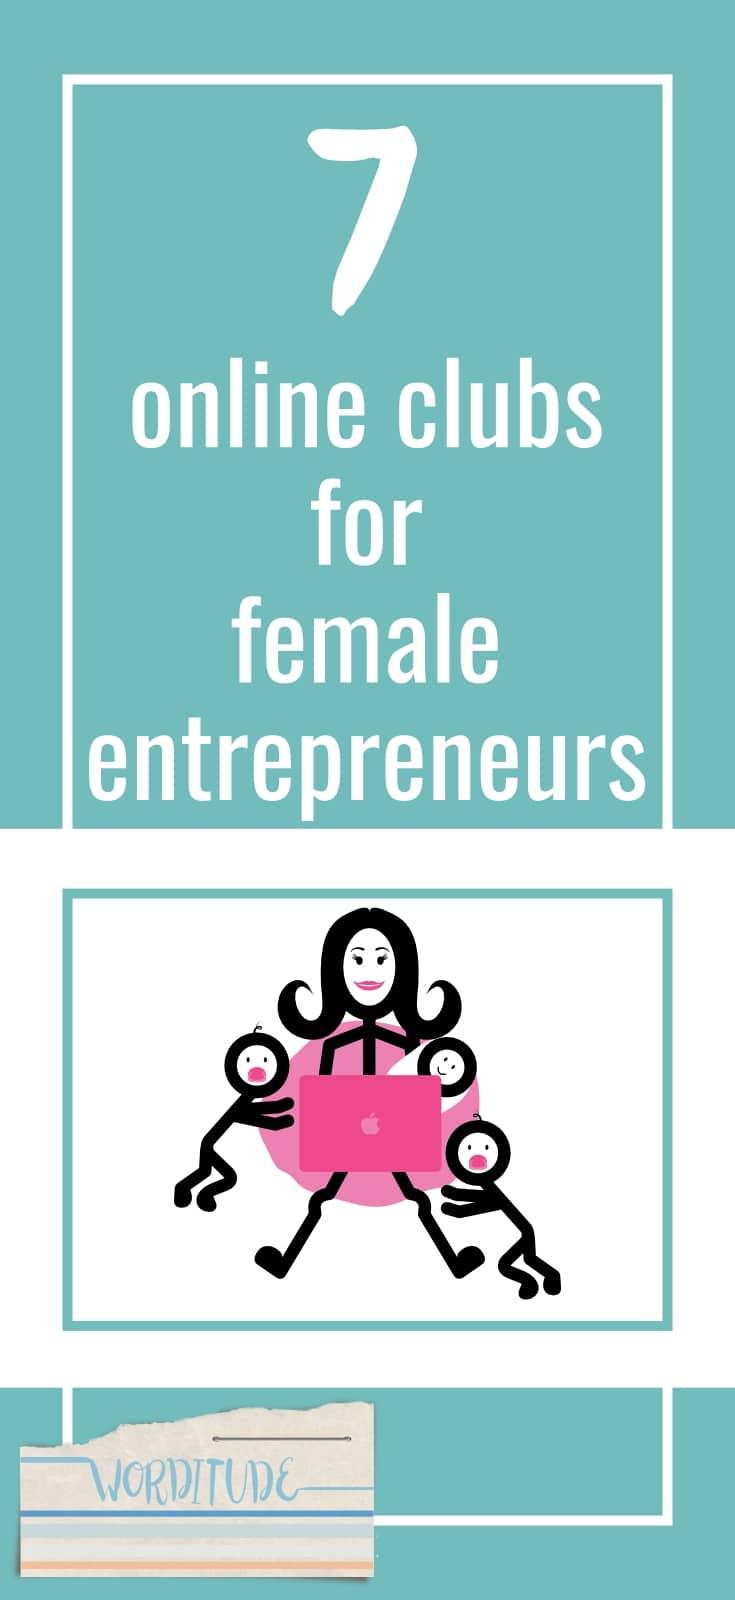 online clubs for female entrepreneurs